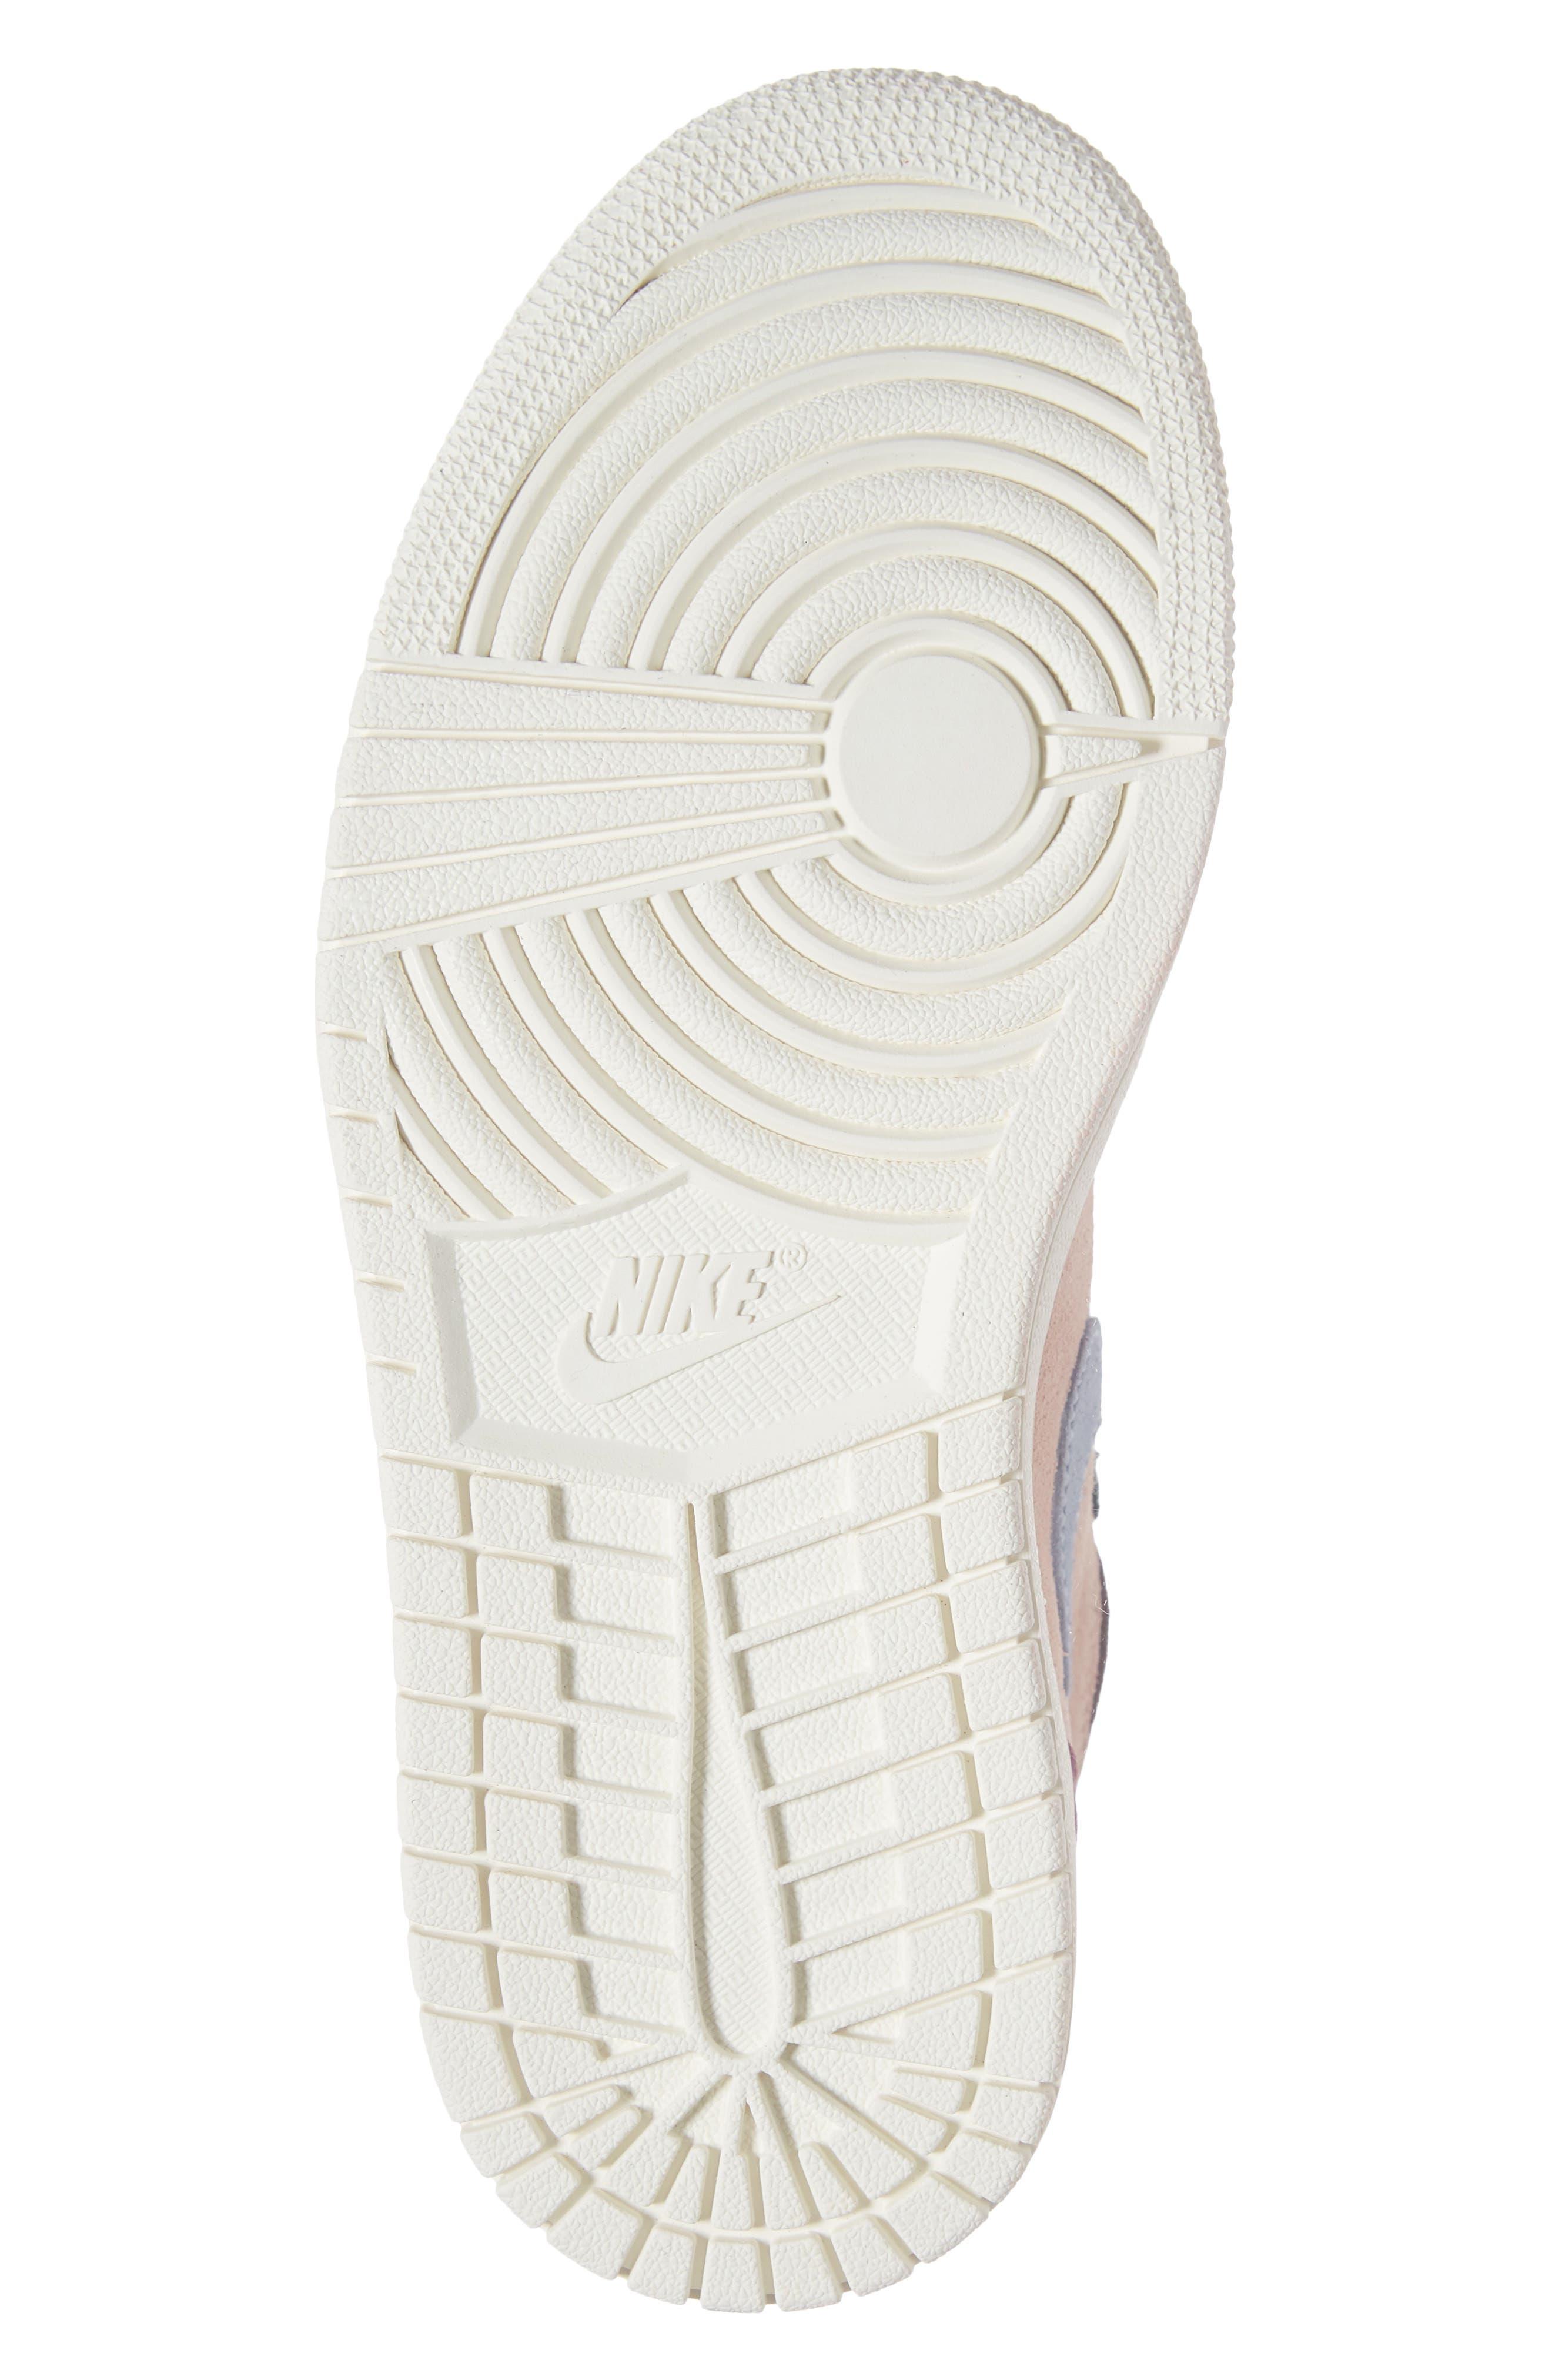 Nike Air Jordan 1 High OG Sneaker,                             Alternate thumbnail 6, color,                             600